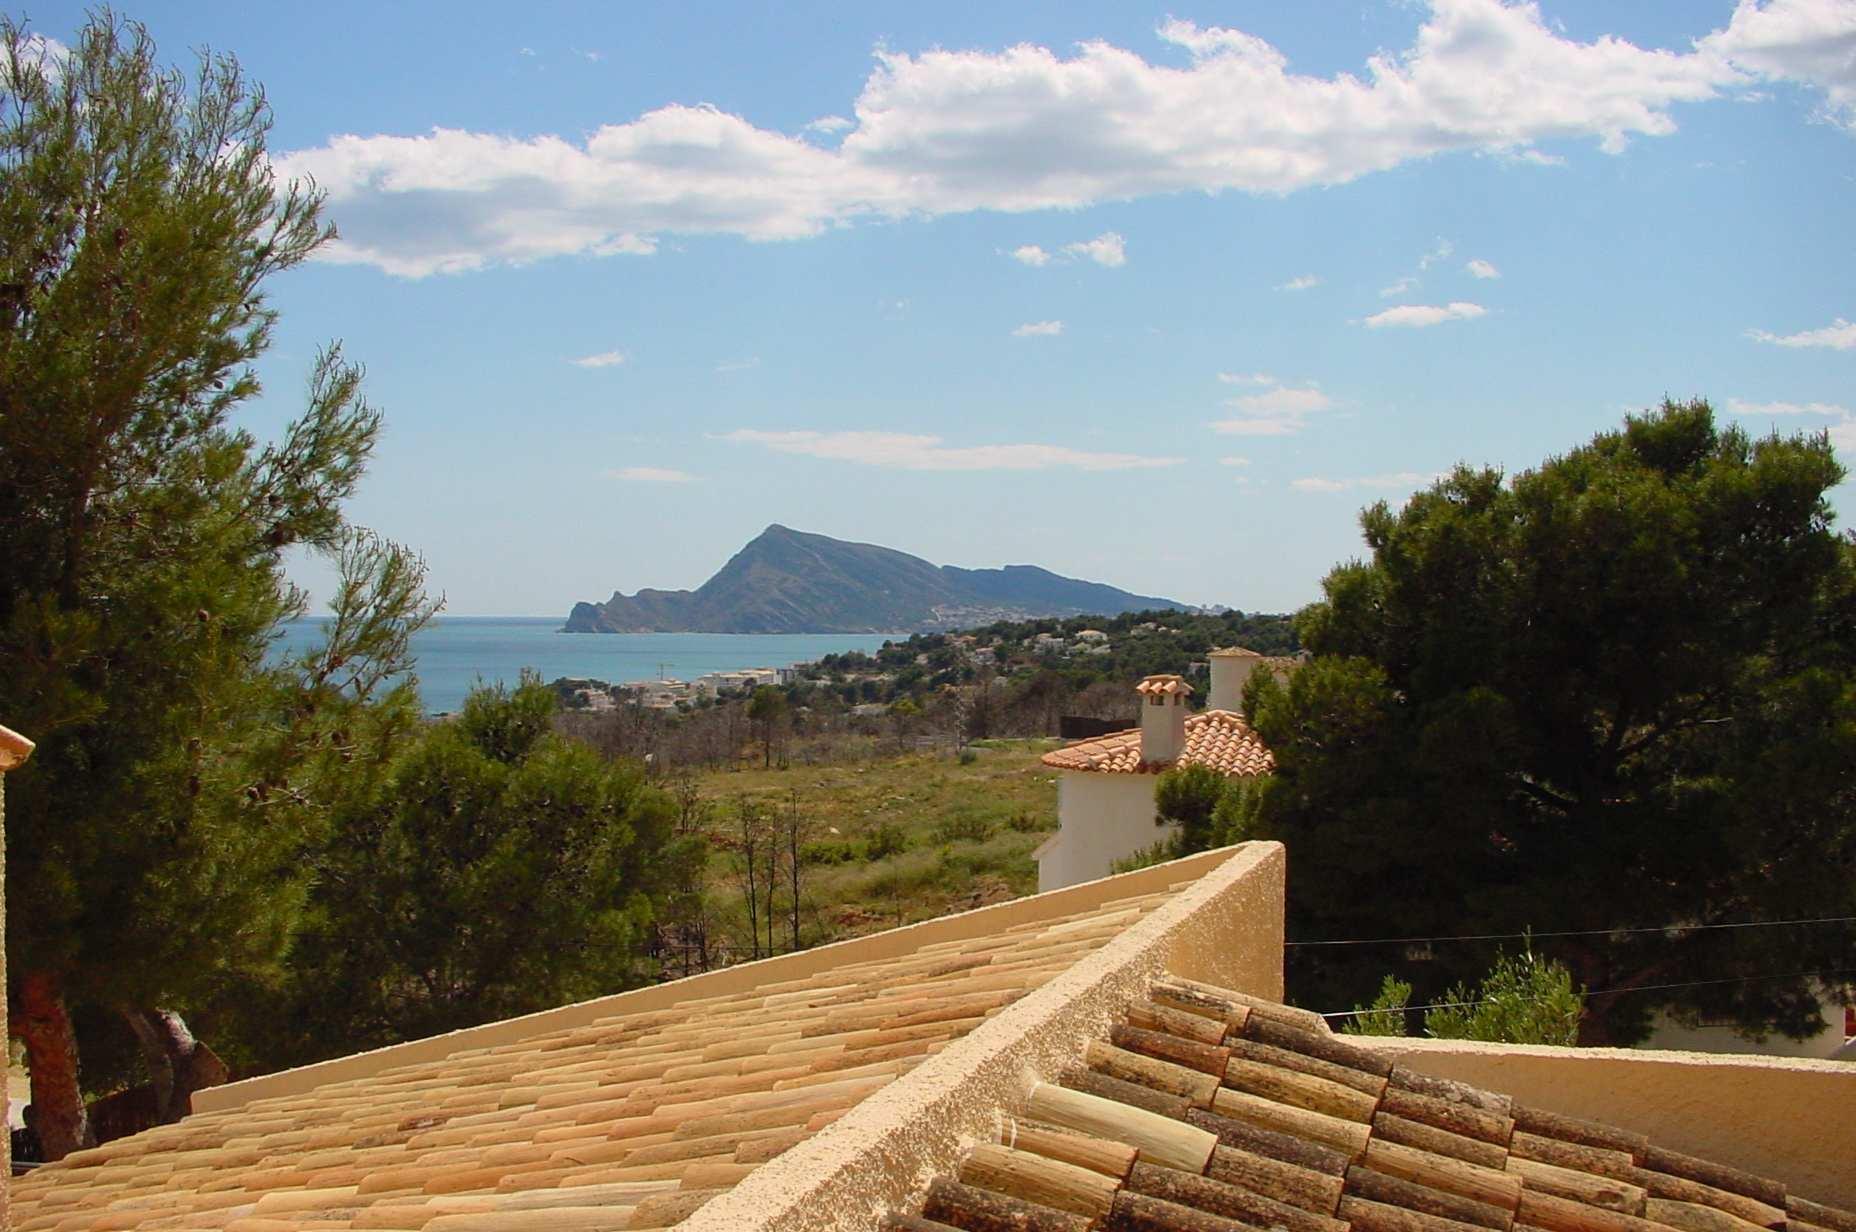 Chalet | Villa en venta en Altea, rustico con vistas al mar